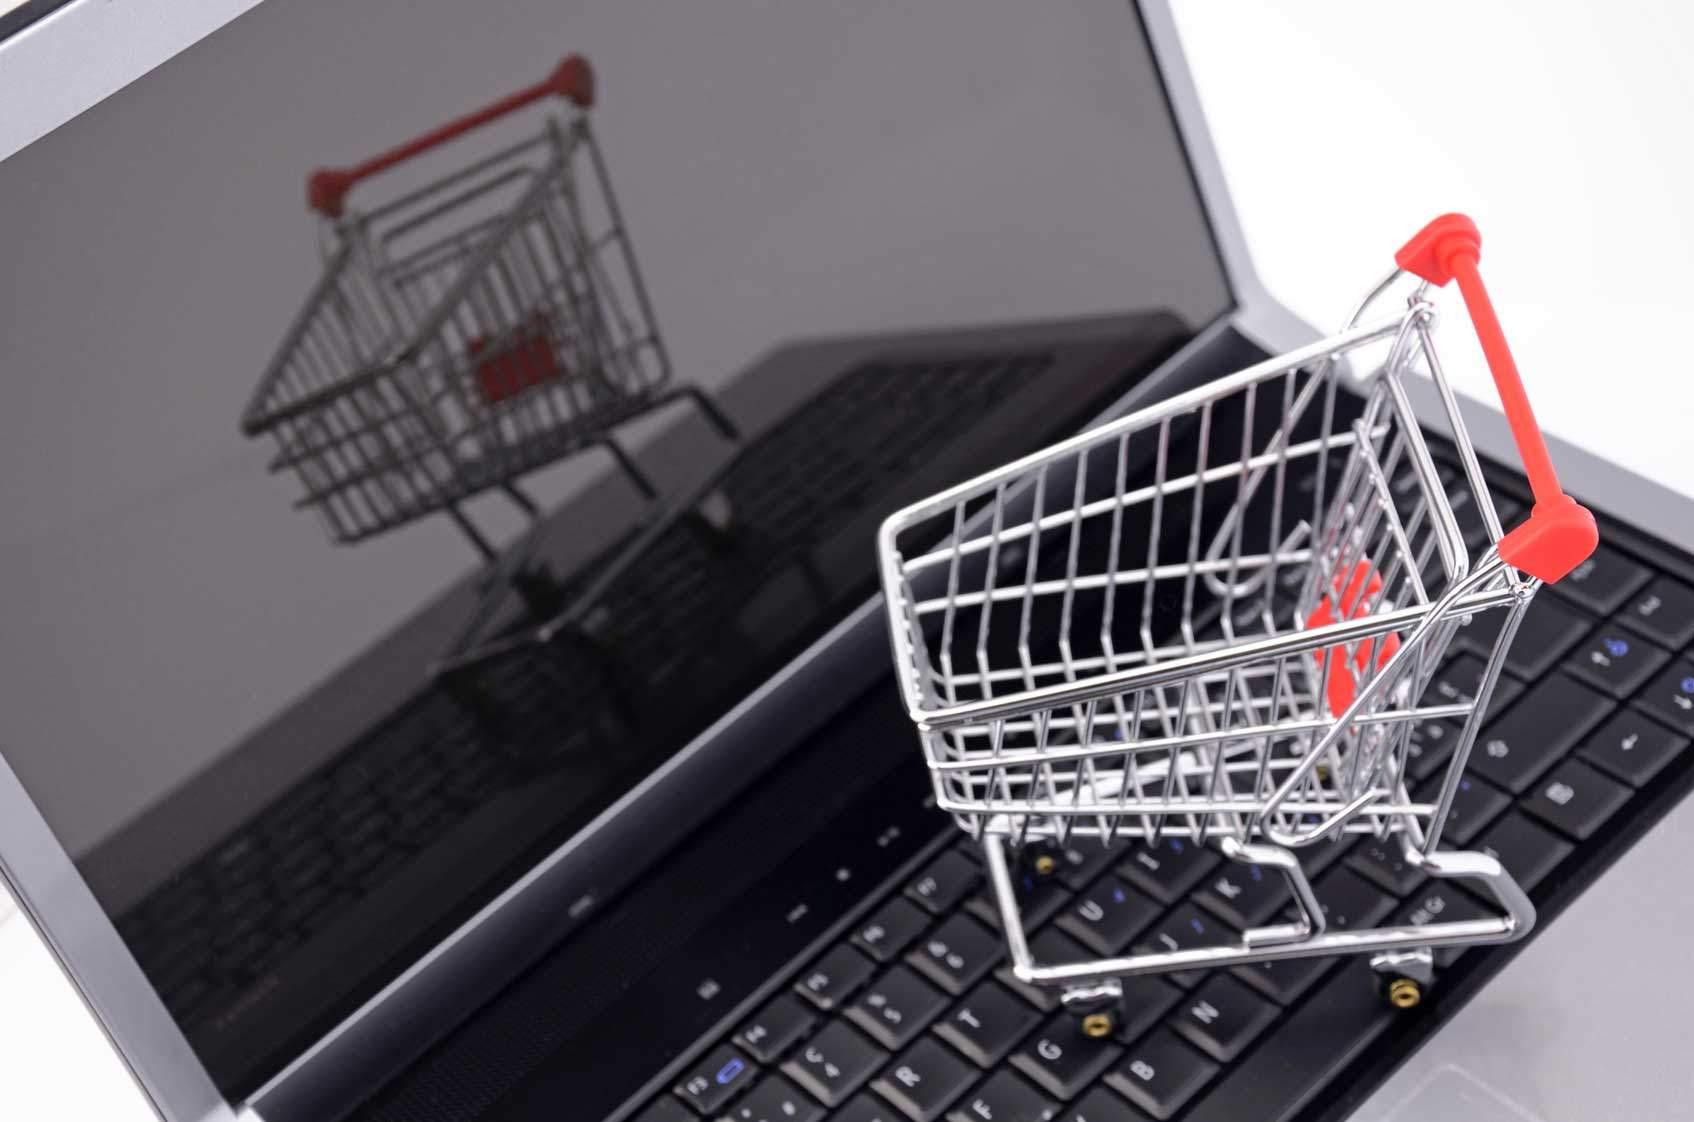 Интернет-магазины против понижения беспошлинного лимита на покупки в зарубежных онлайн-магазинах